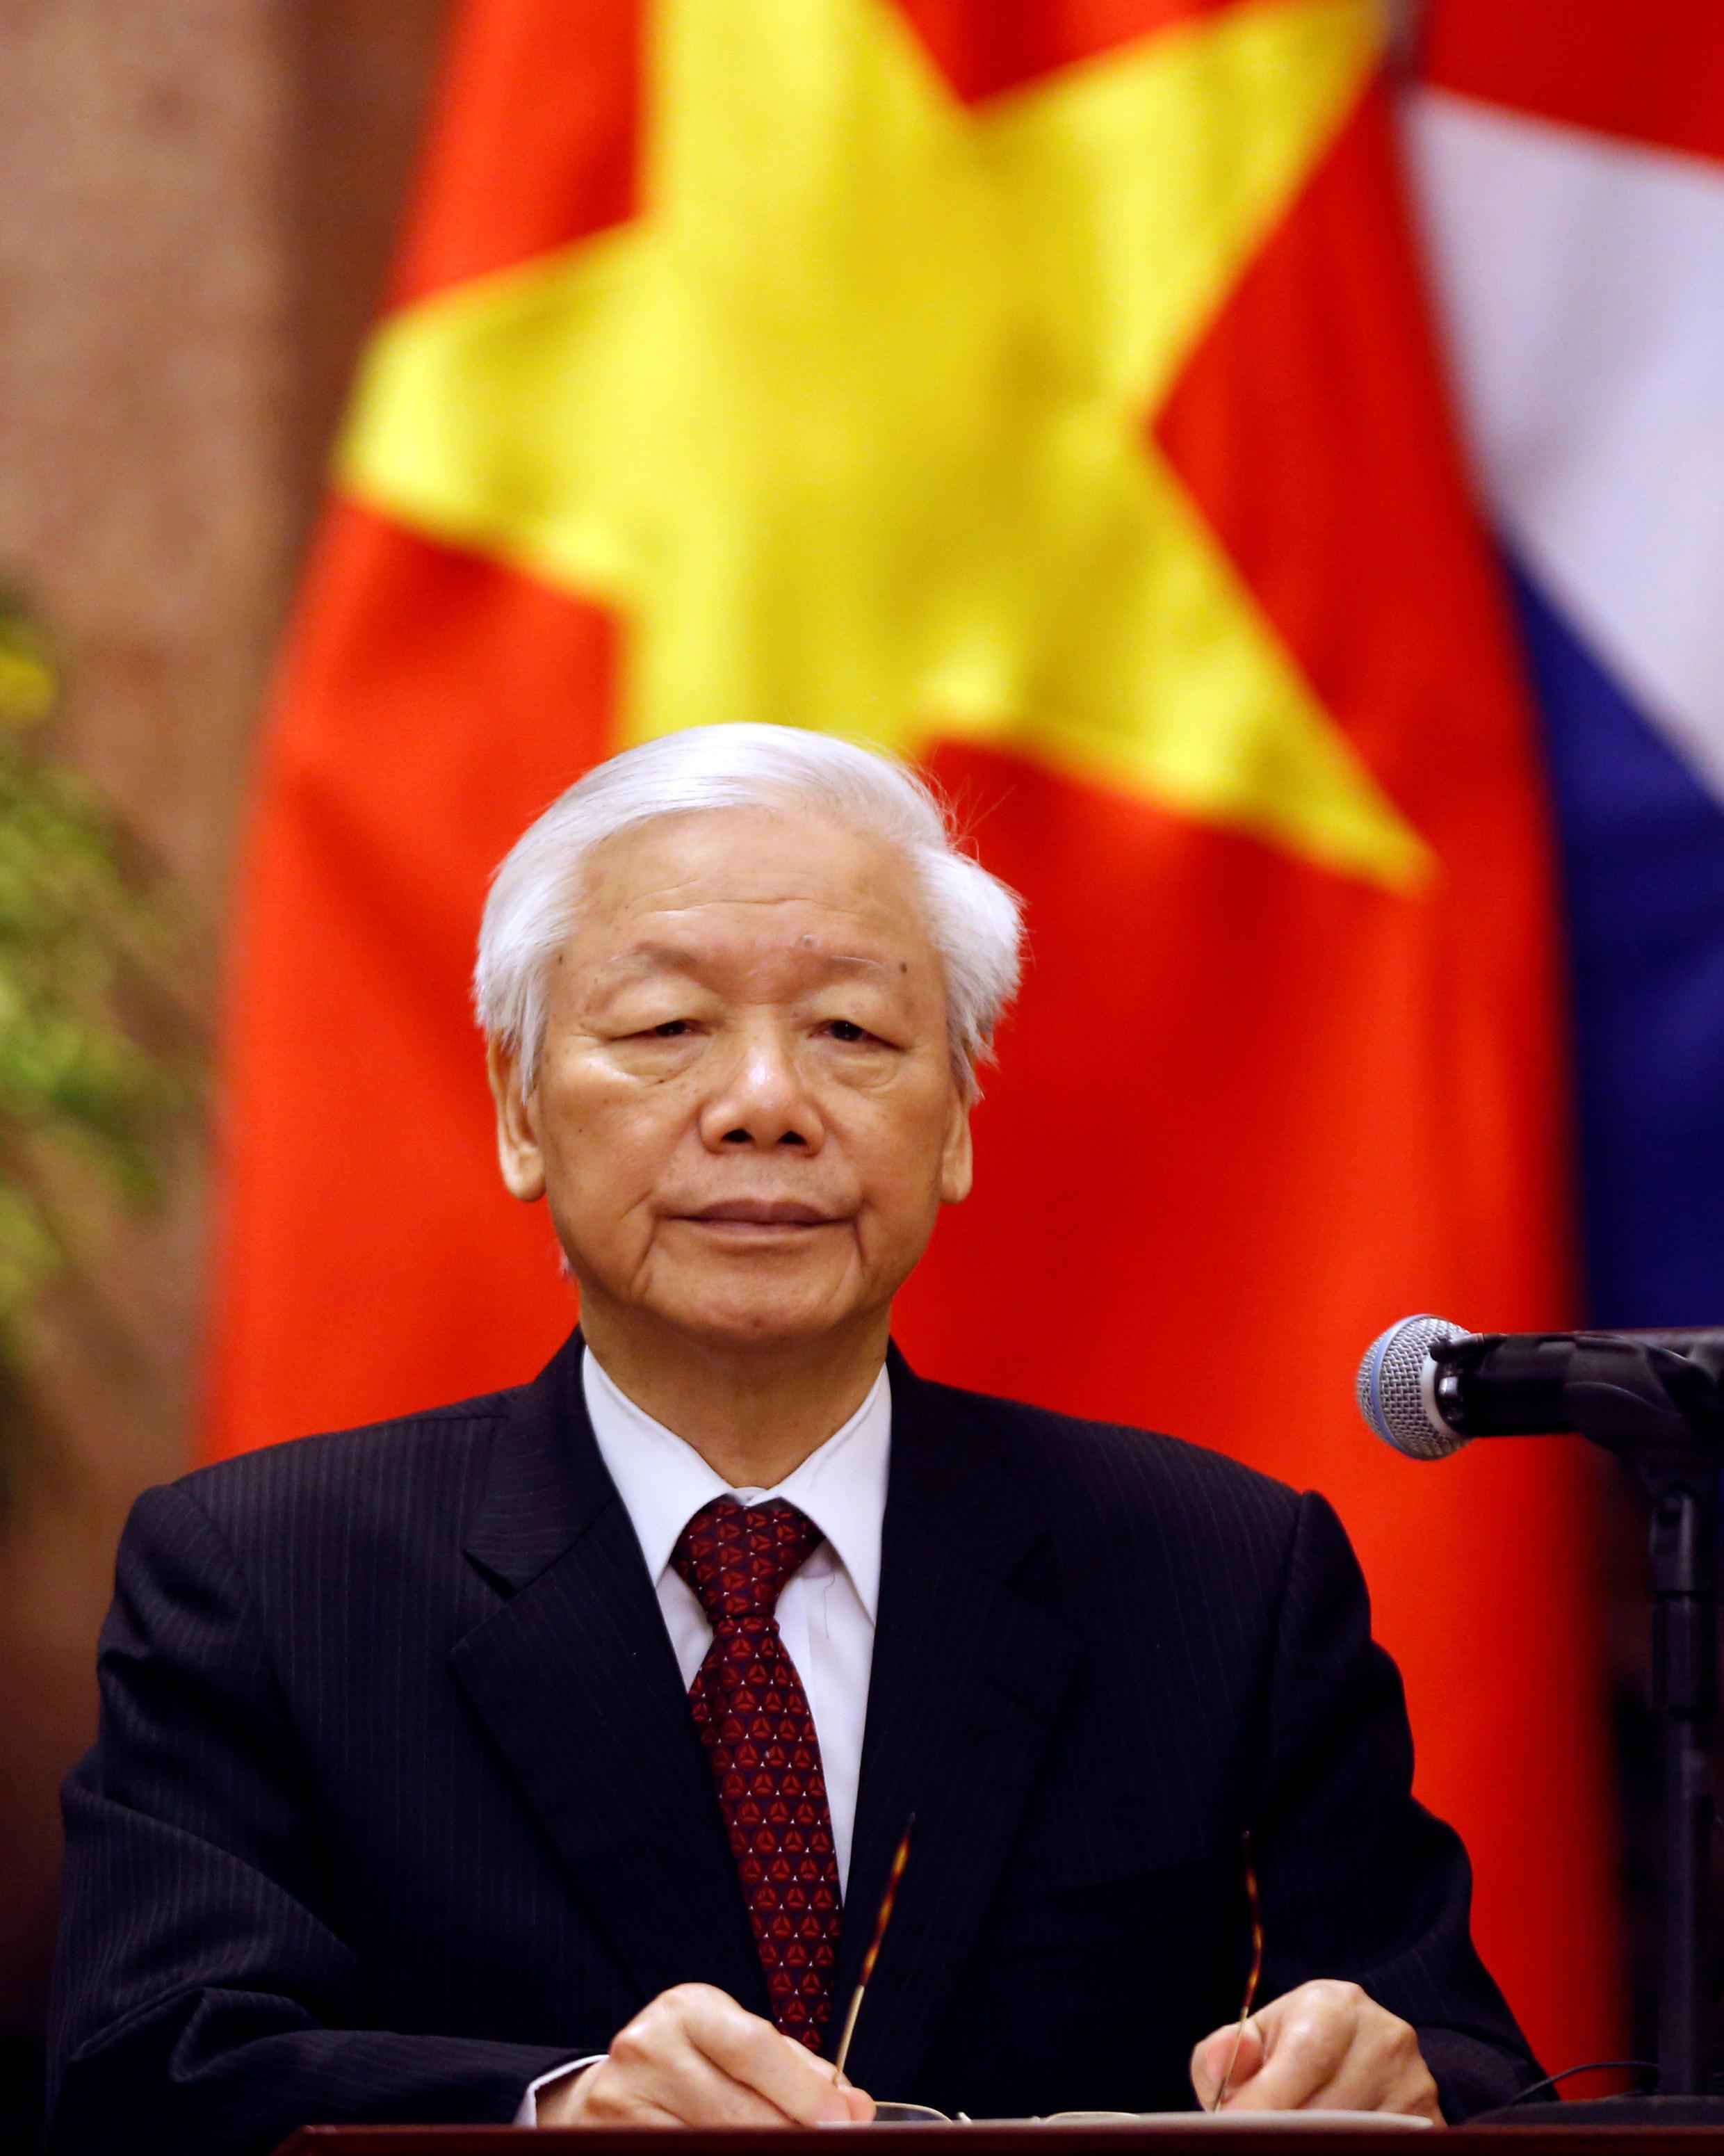 Tổng bí thư kiêm chủ tịch nước Nguyễn Phú Trọng trong dịp tiếp chủ tịch Cuba tại Hà Nội, ngày 09/11/2018.